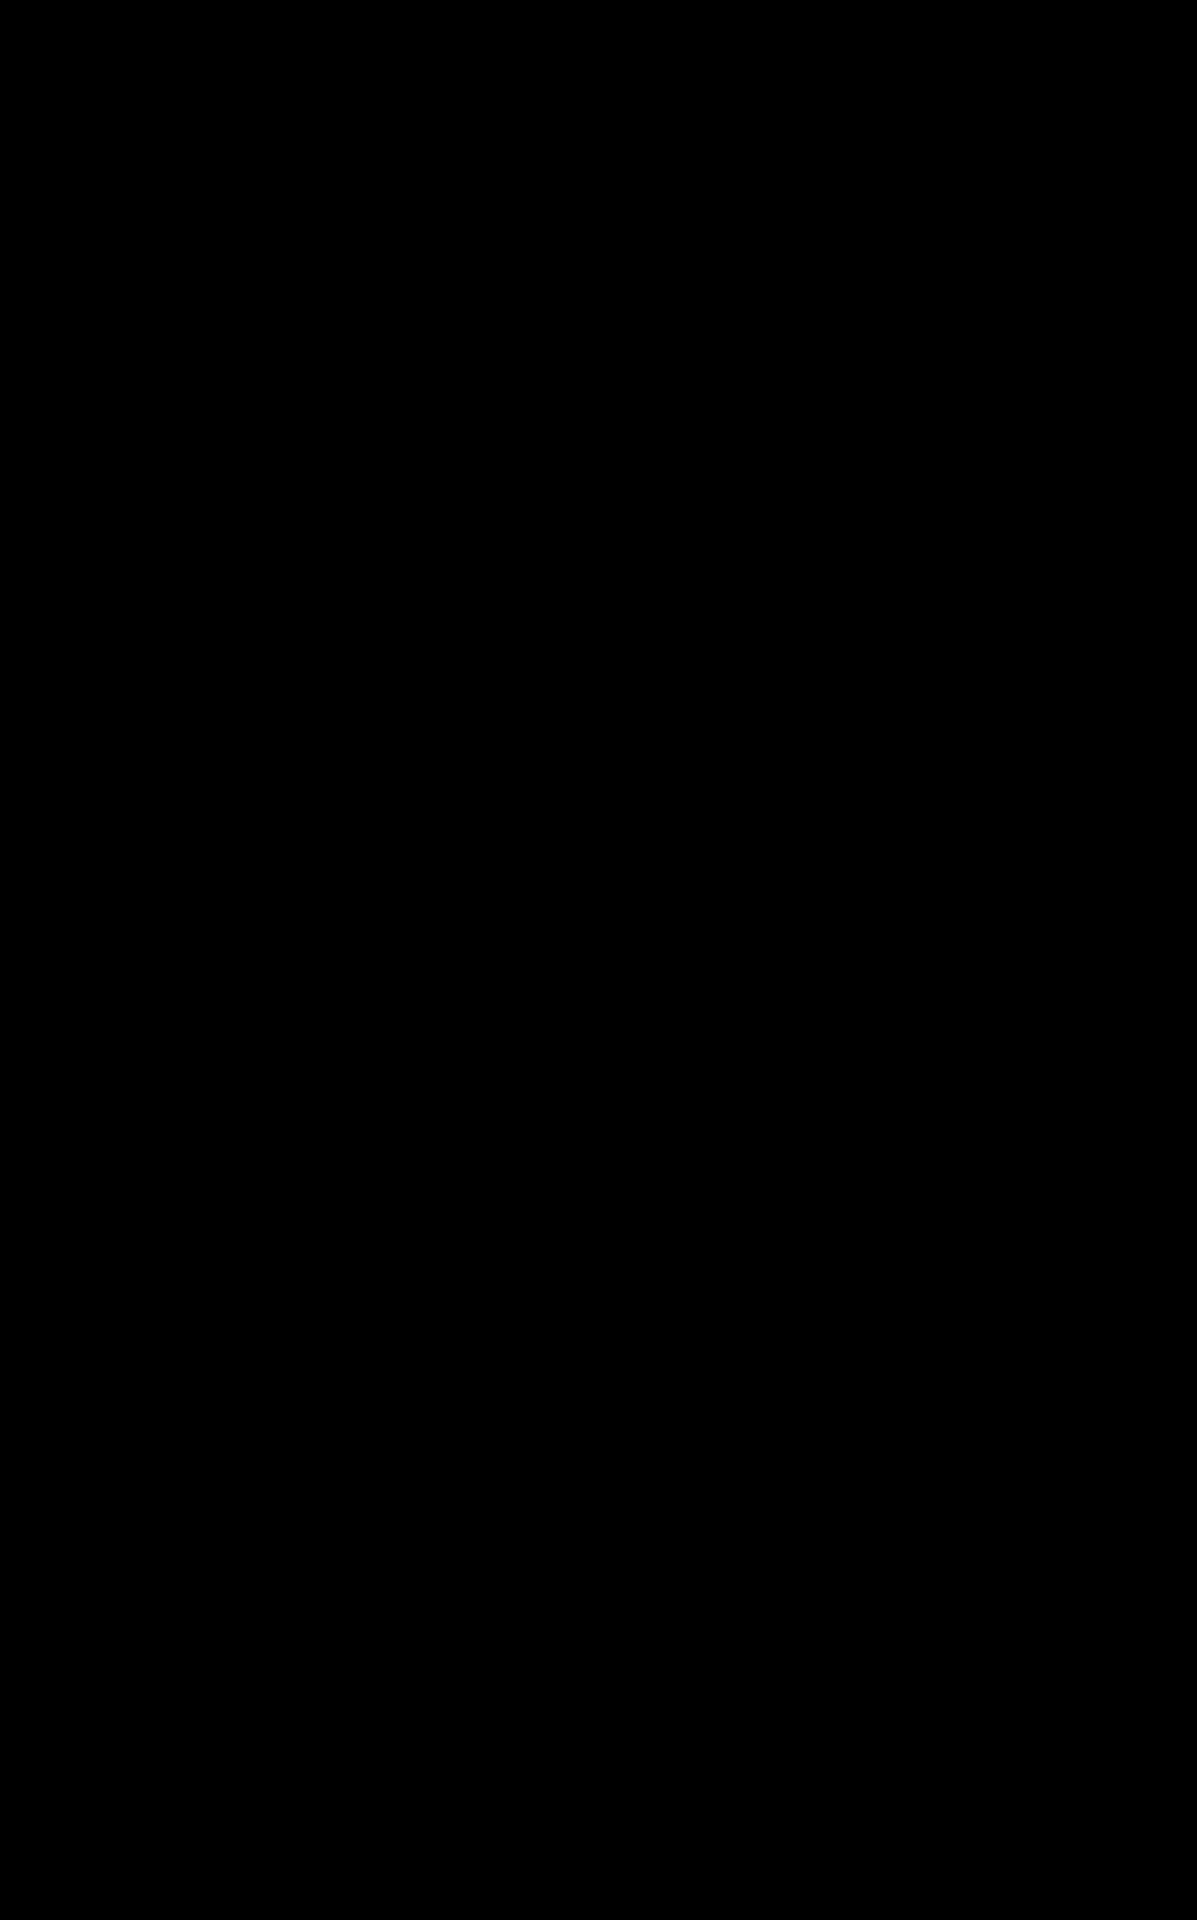 Określenia czasu w języku niemieckim - przysłówki częstotliwości